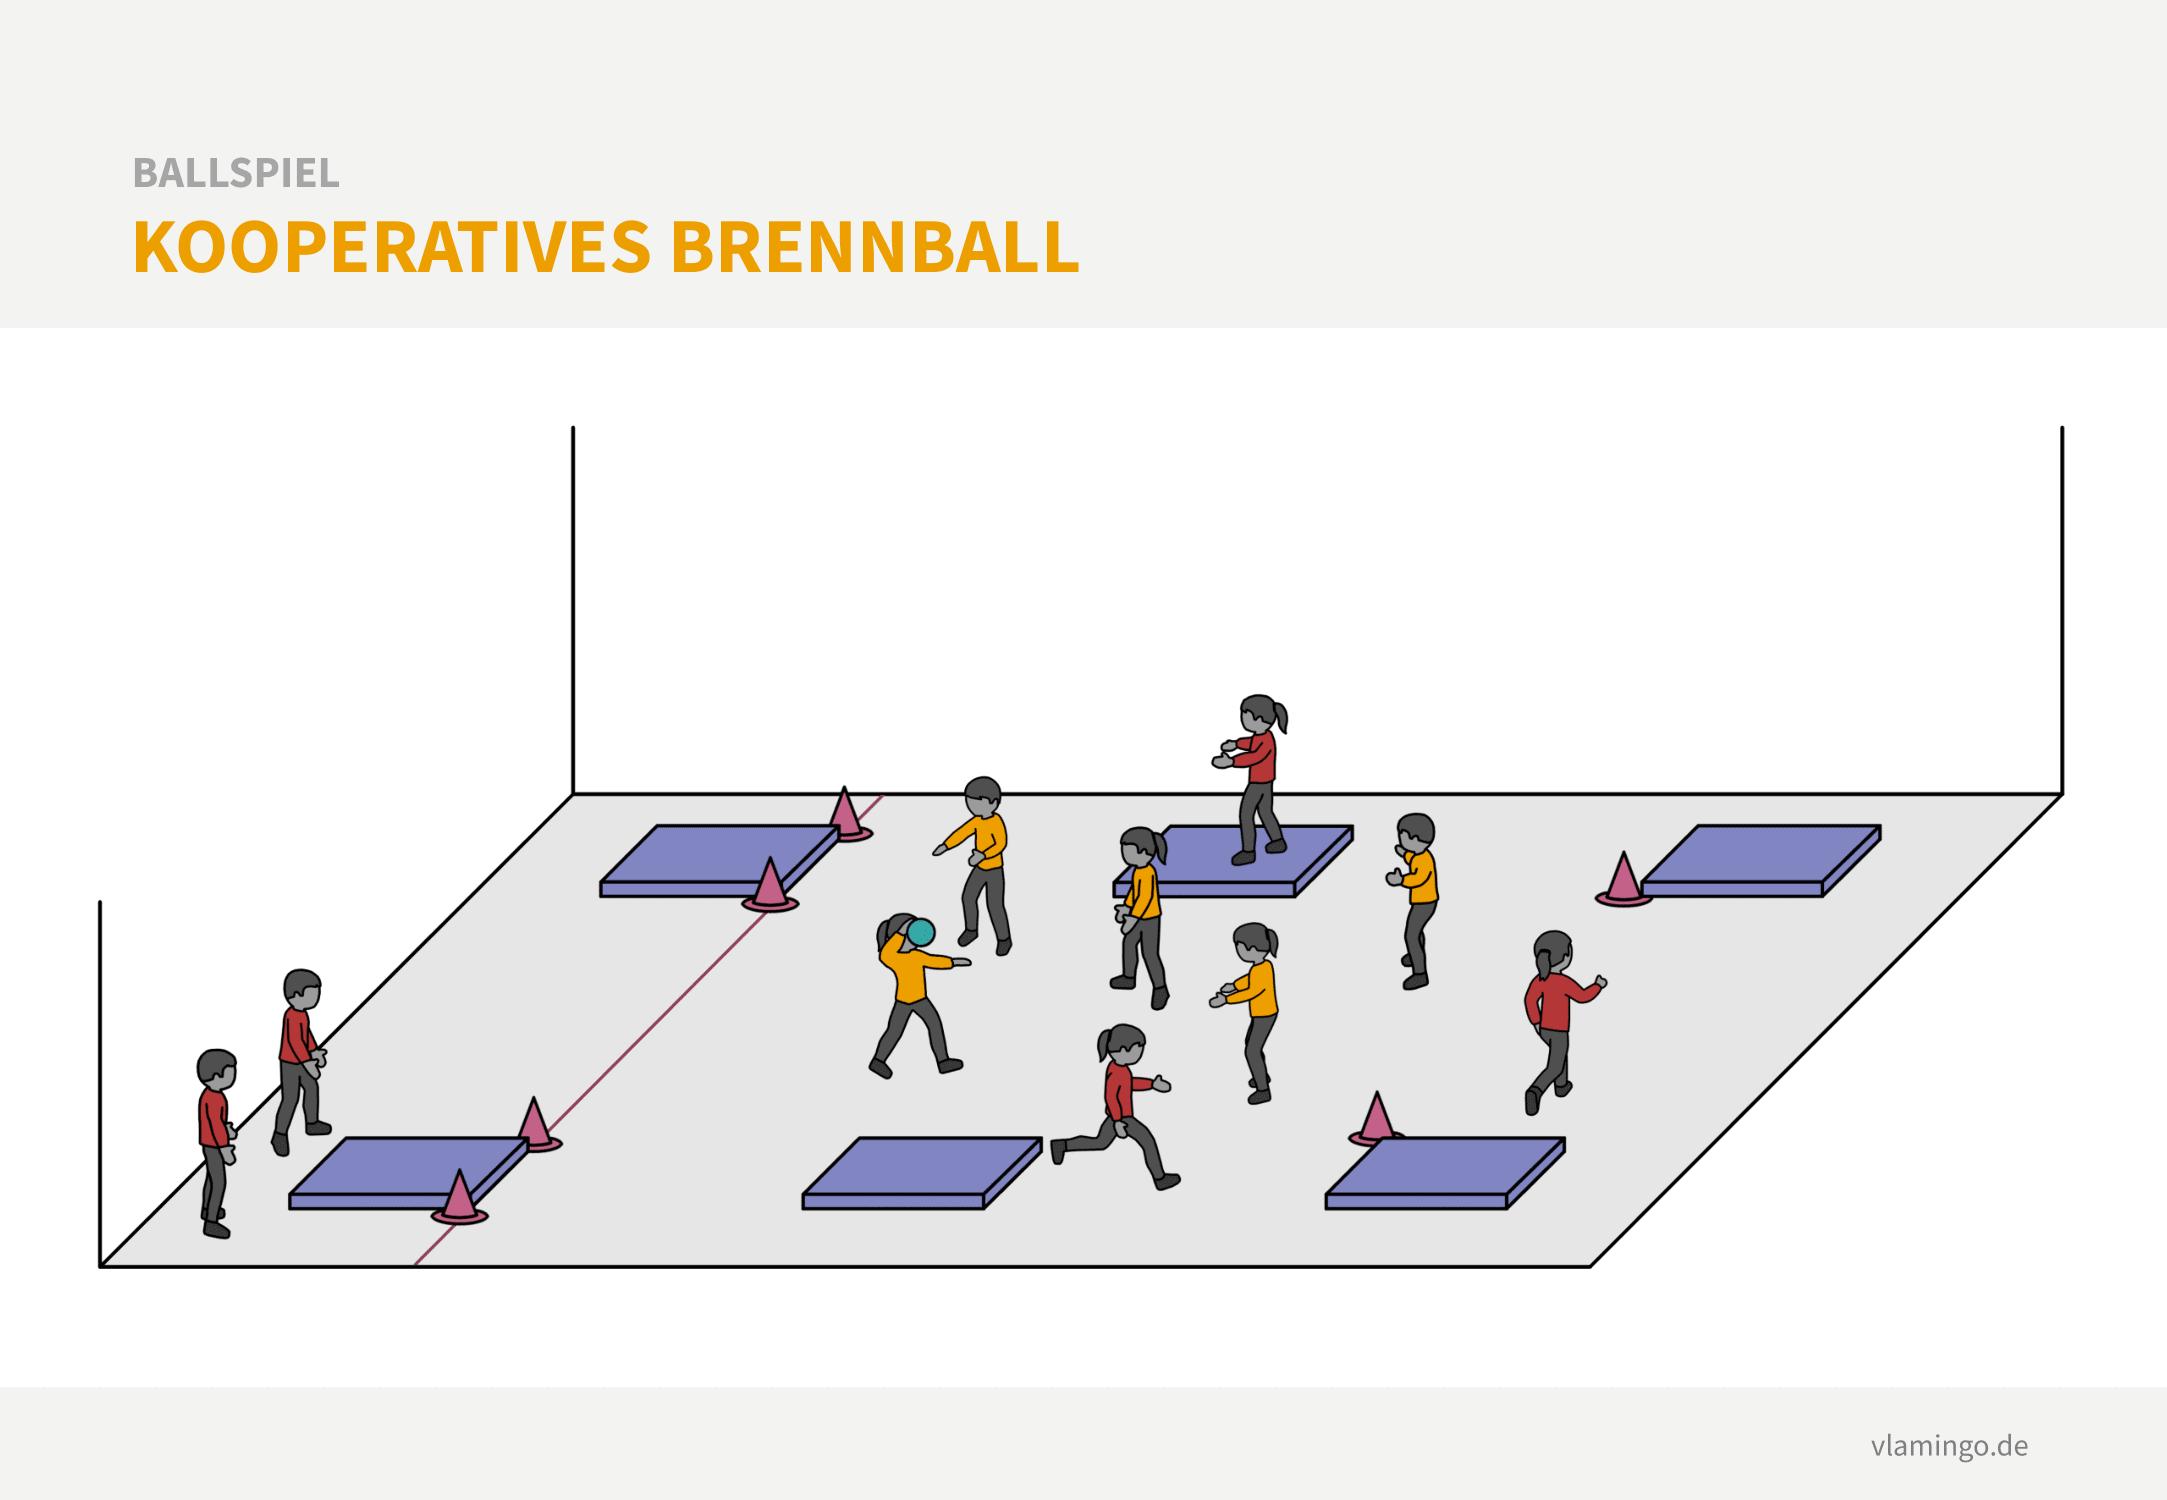 Variante: Kooperatives Brennball